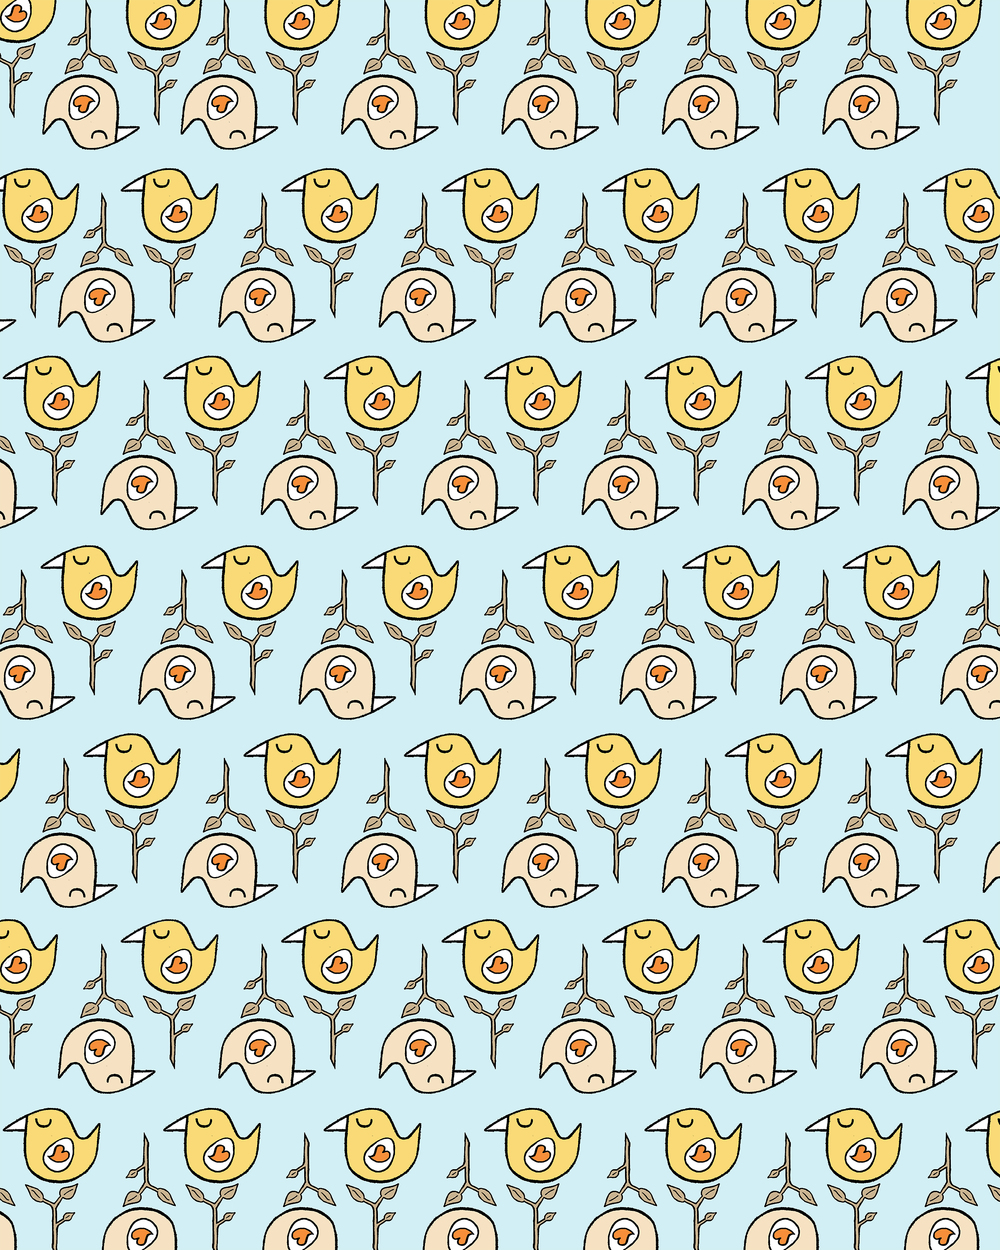 BirdLogoFabricDesignblue.jpg